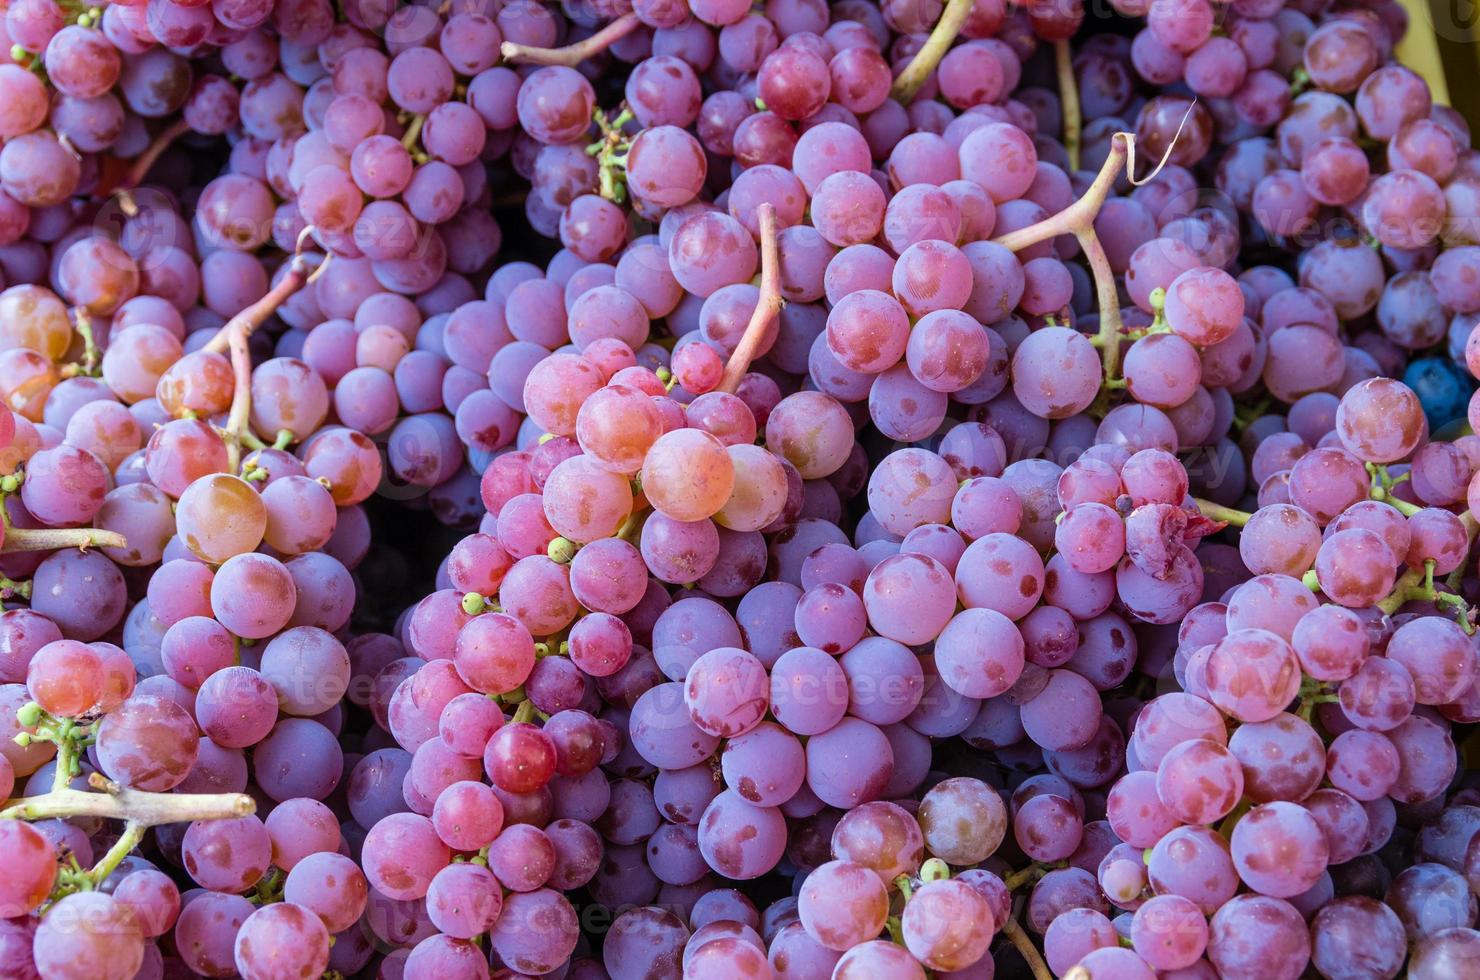 grappoli di uva rossa al mercato foto